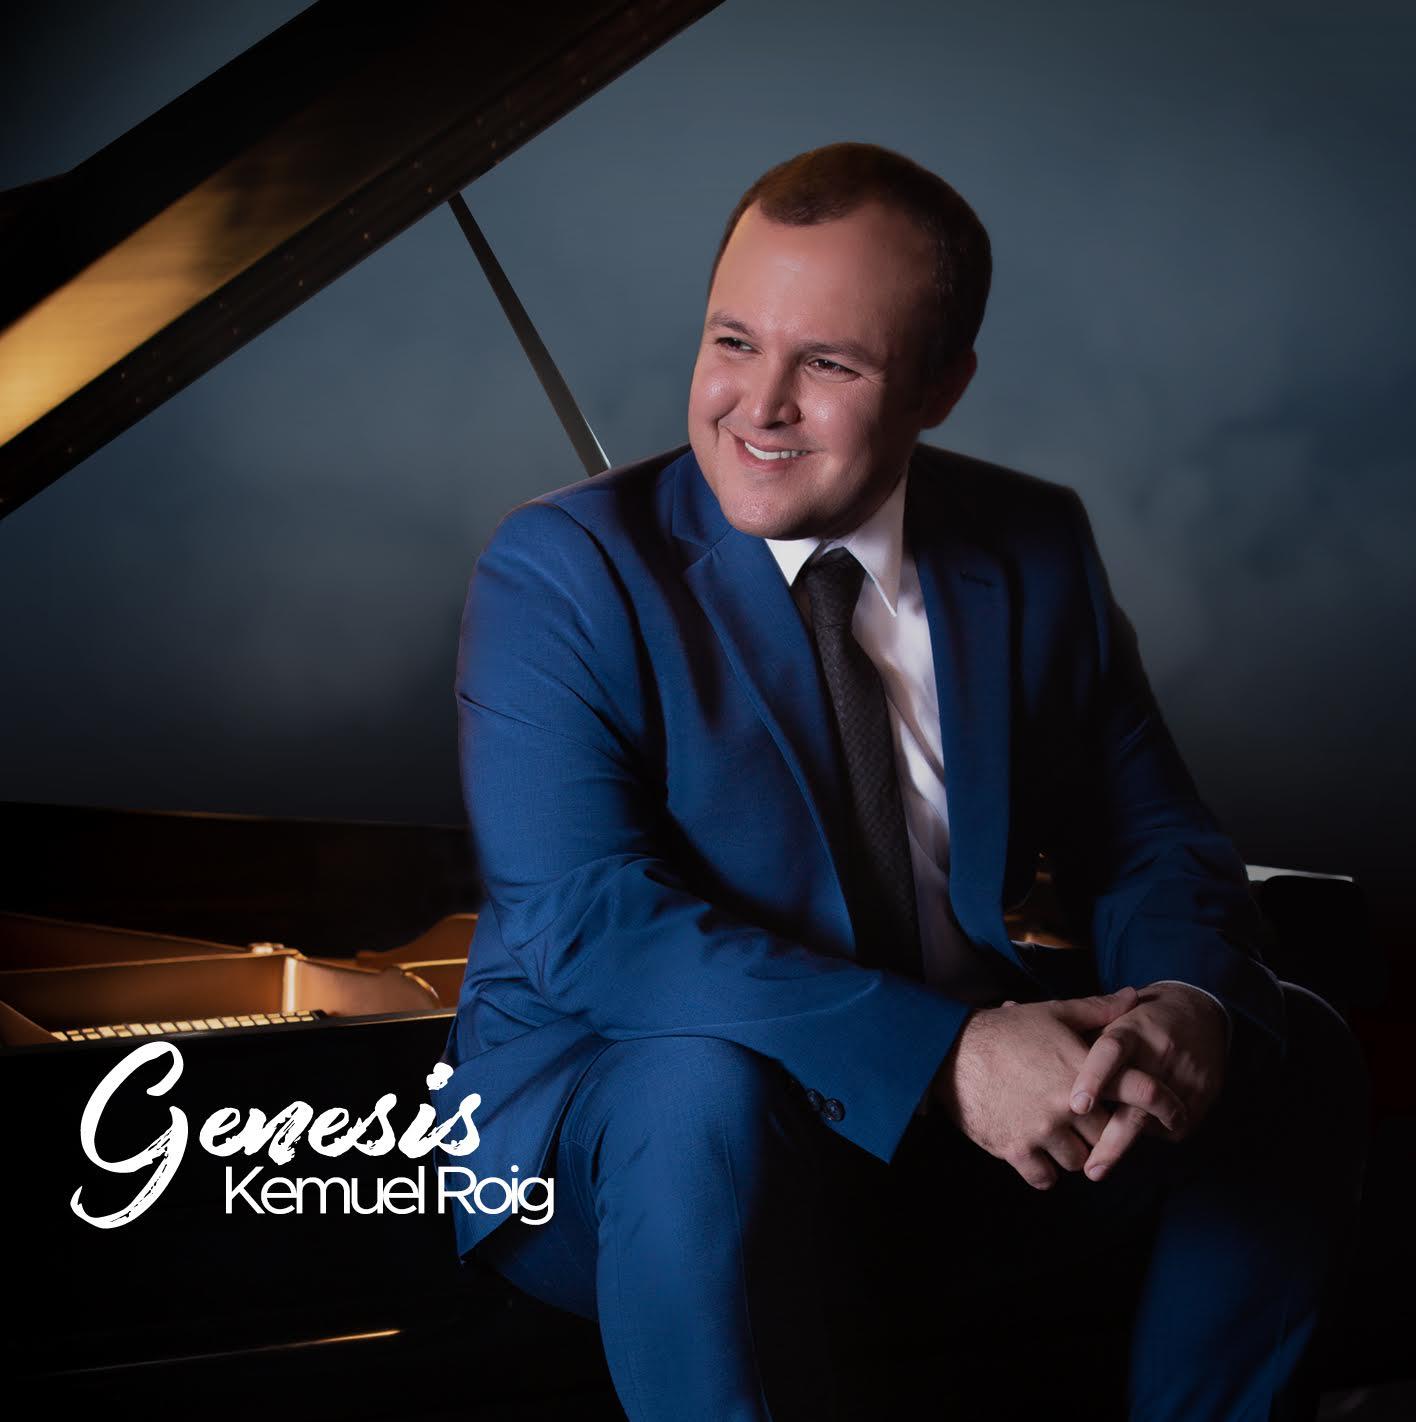 Kemuel Roig presenta su nuevo disco Genesis